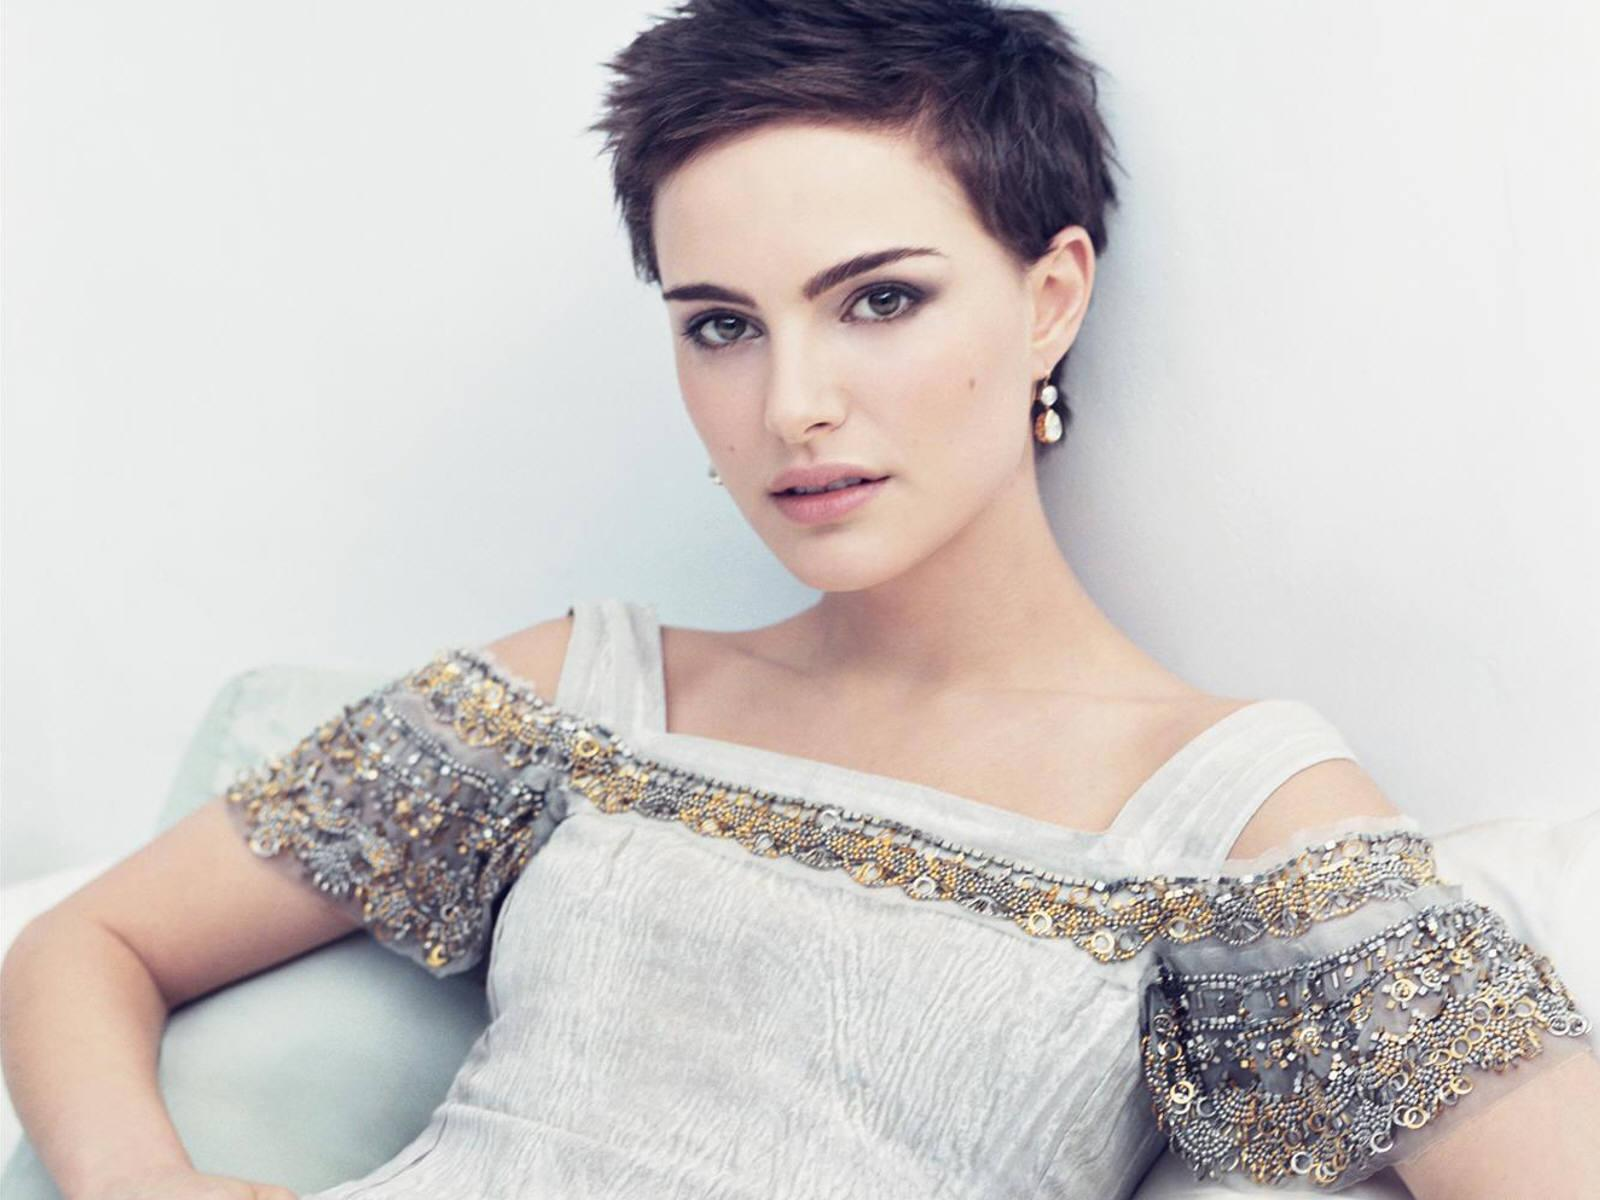 Natalie Portman - Natalie Portman Wallpaper (21177350) - Fanpop Natalie Portman